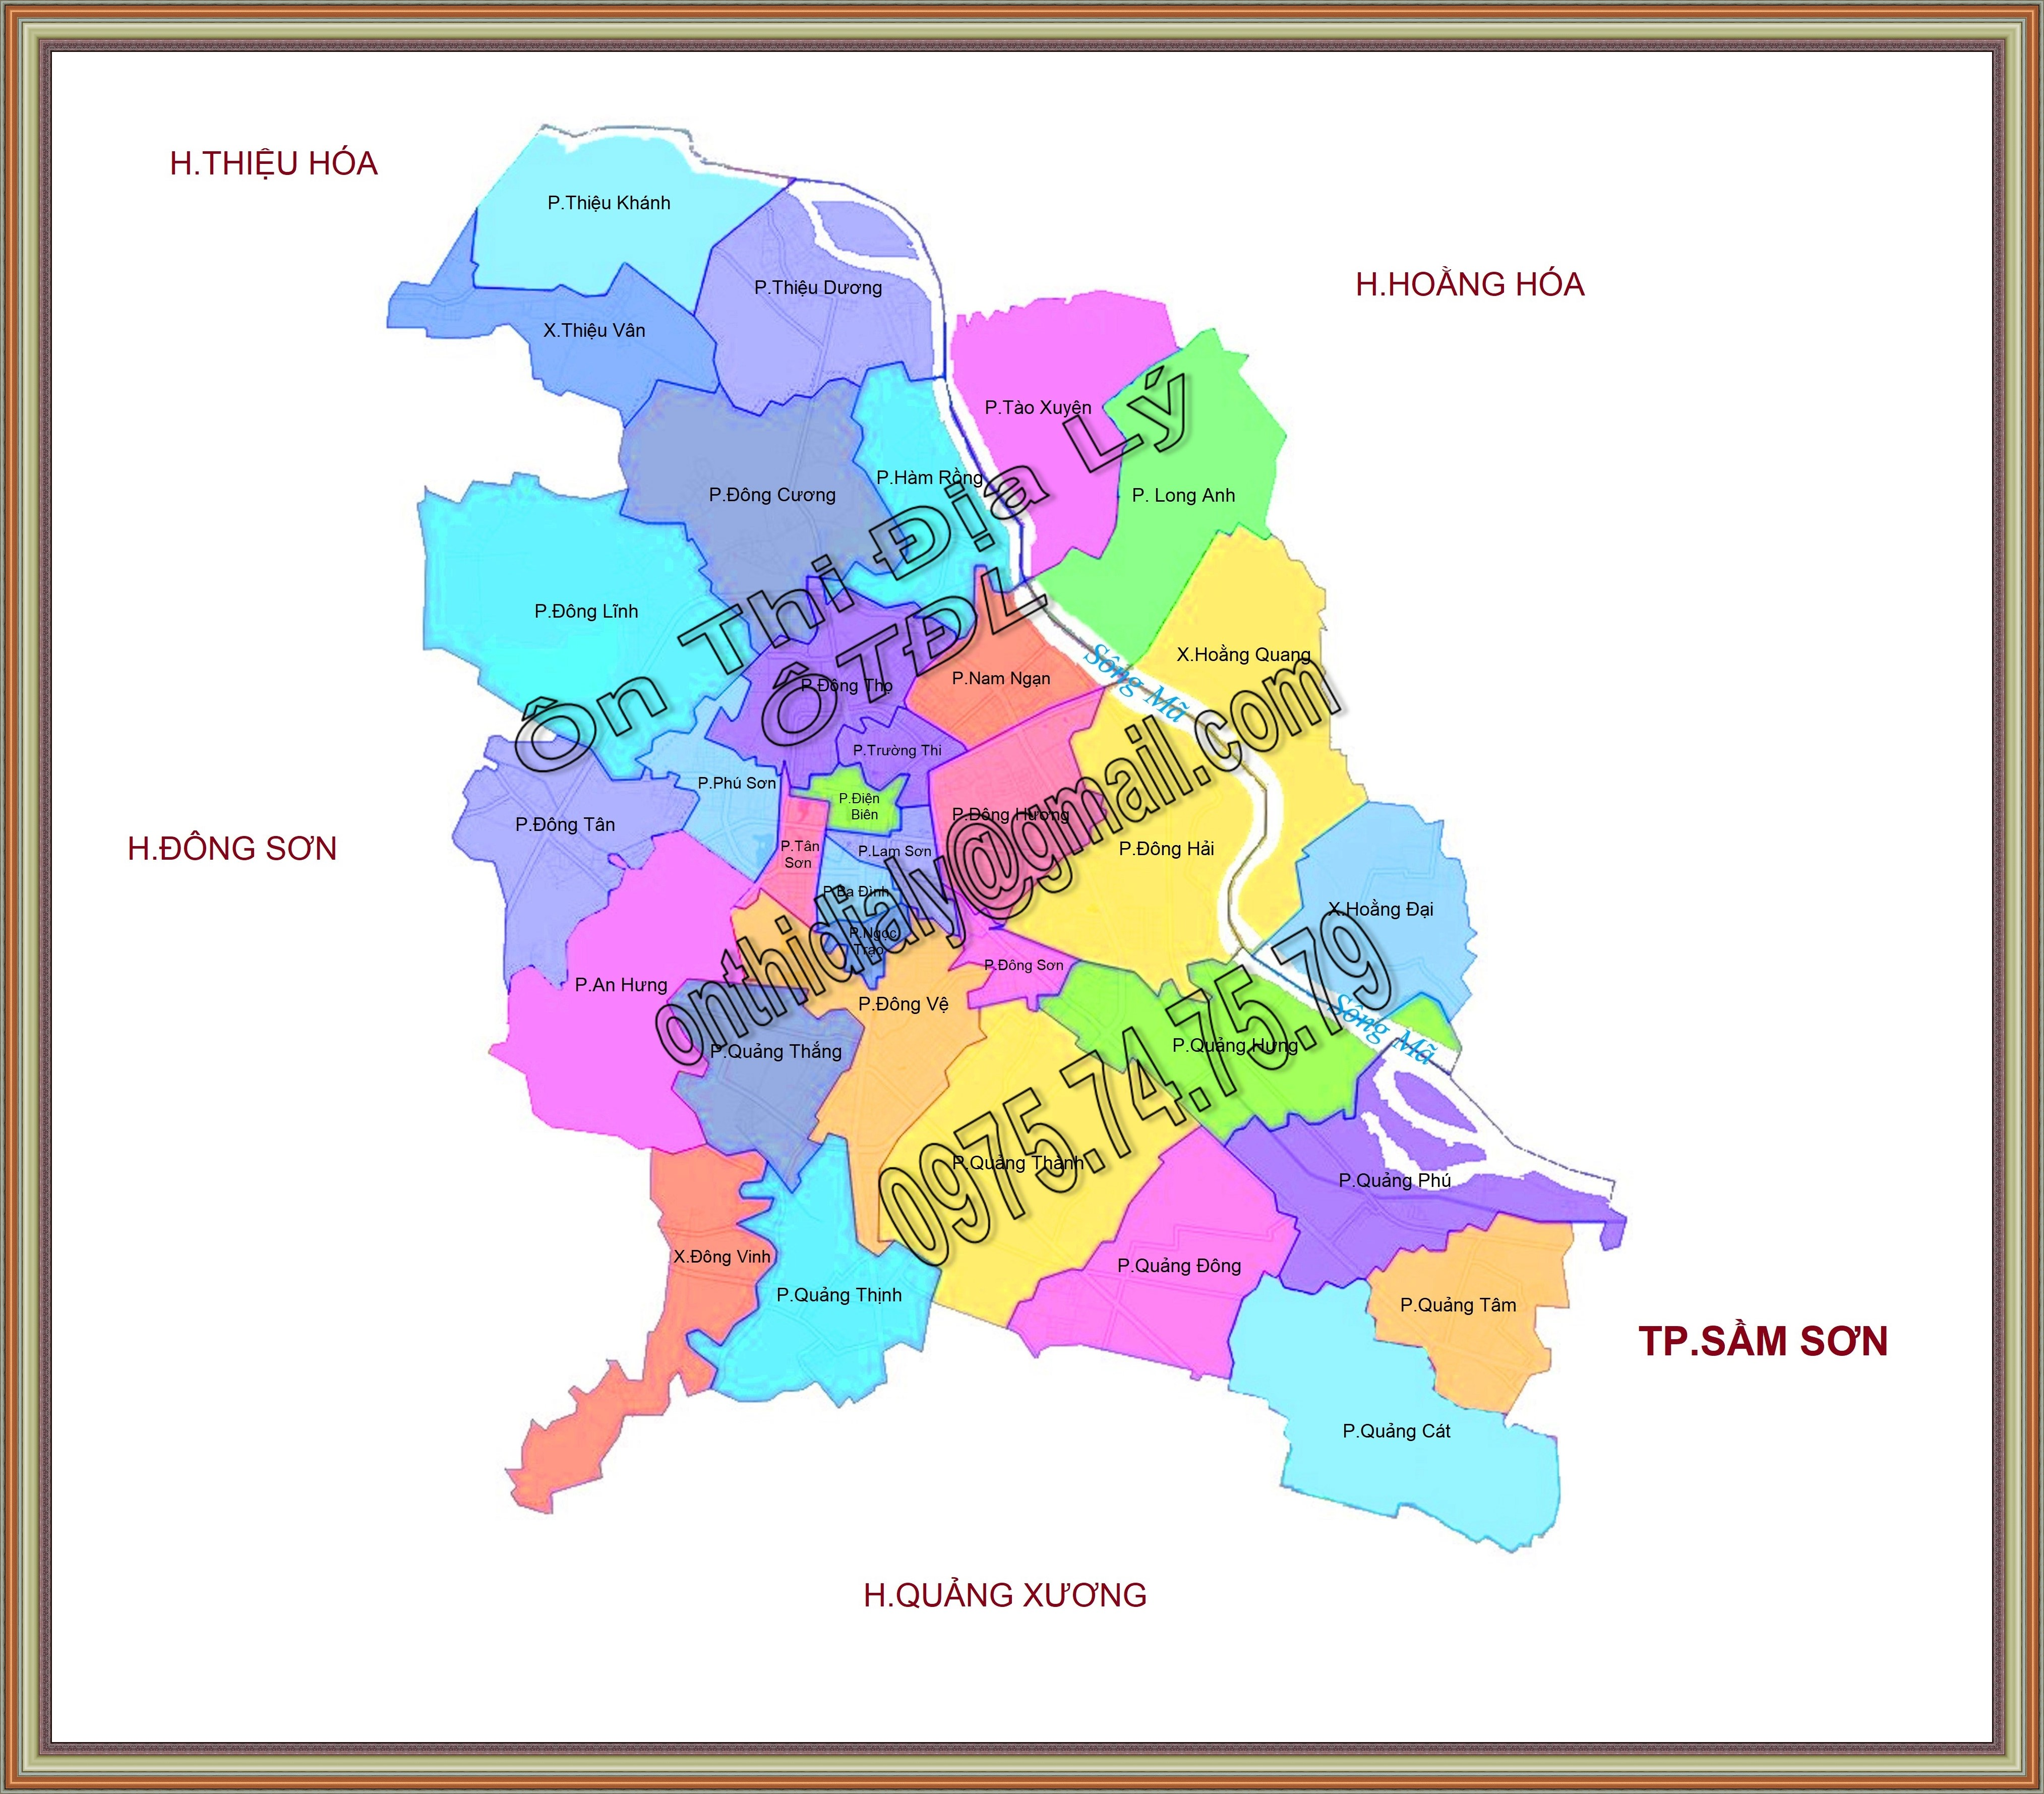 Bản đồ Thành phố Thanh Hóa, tỉnh Thanh Hóa